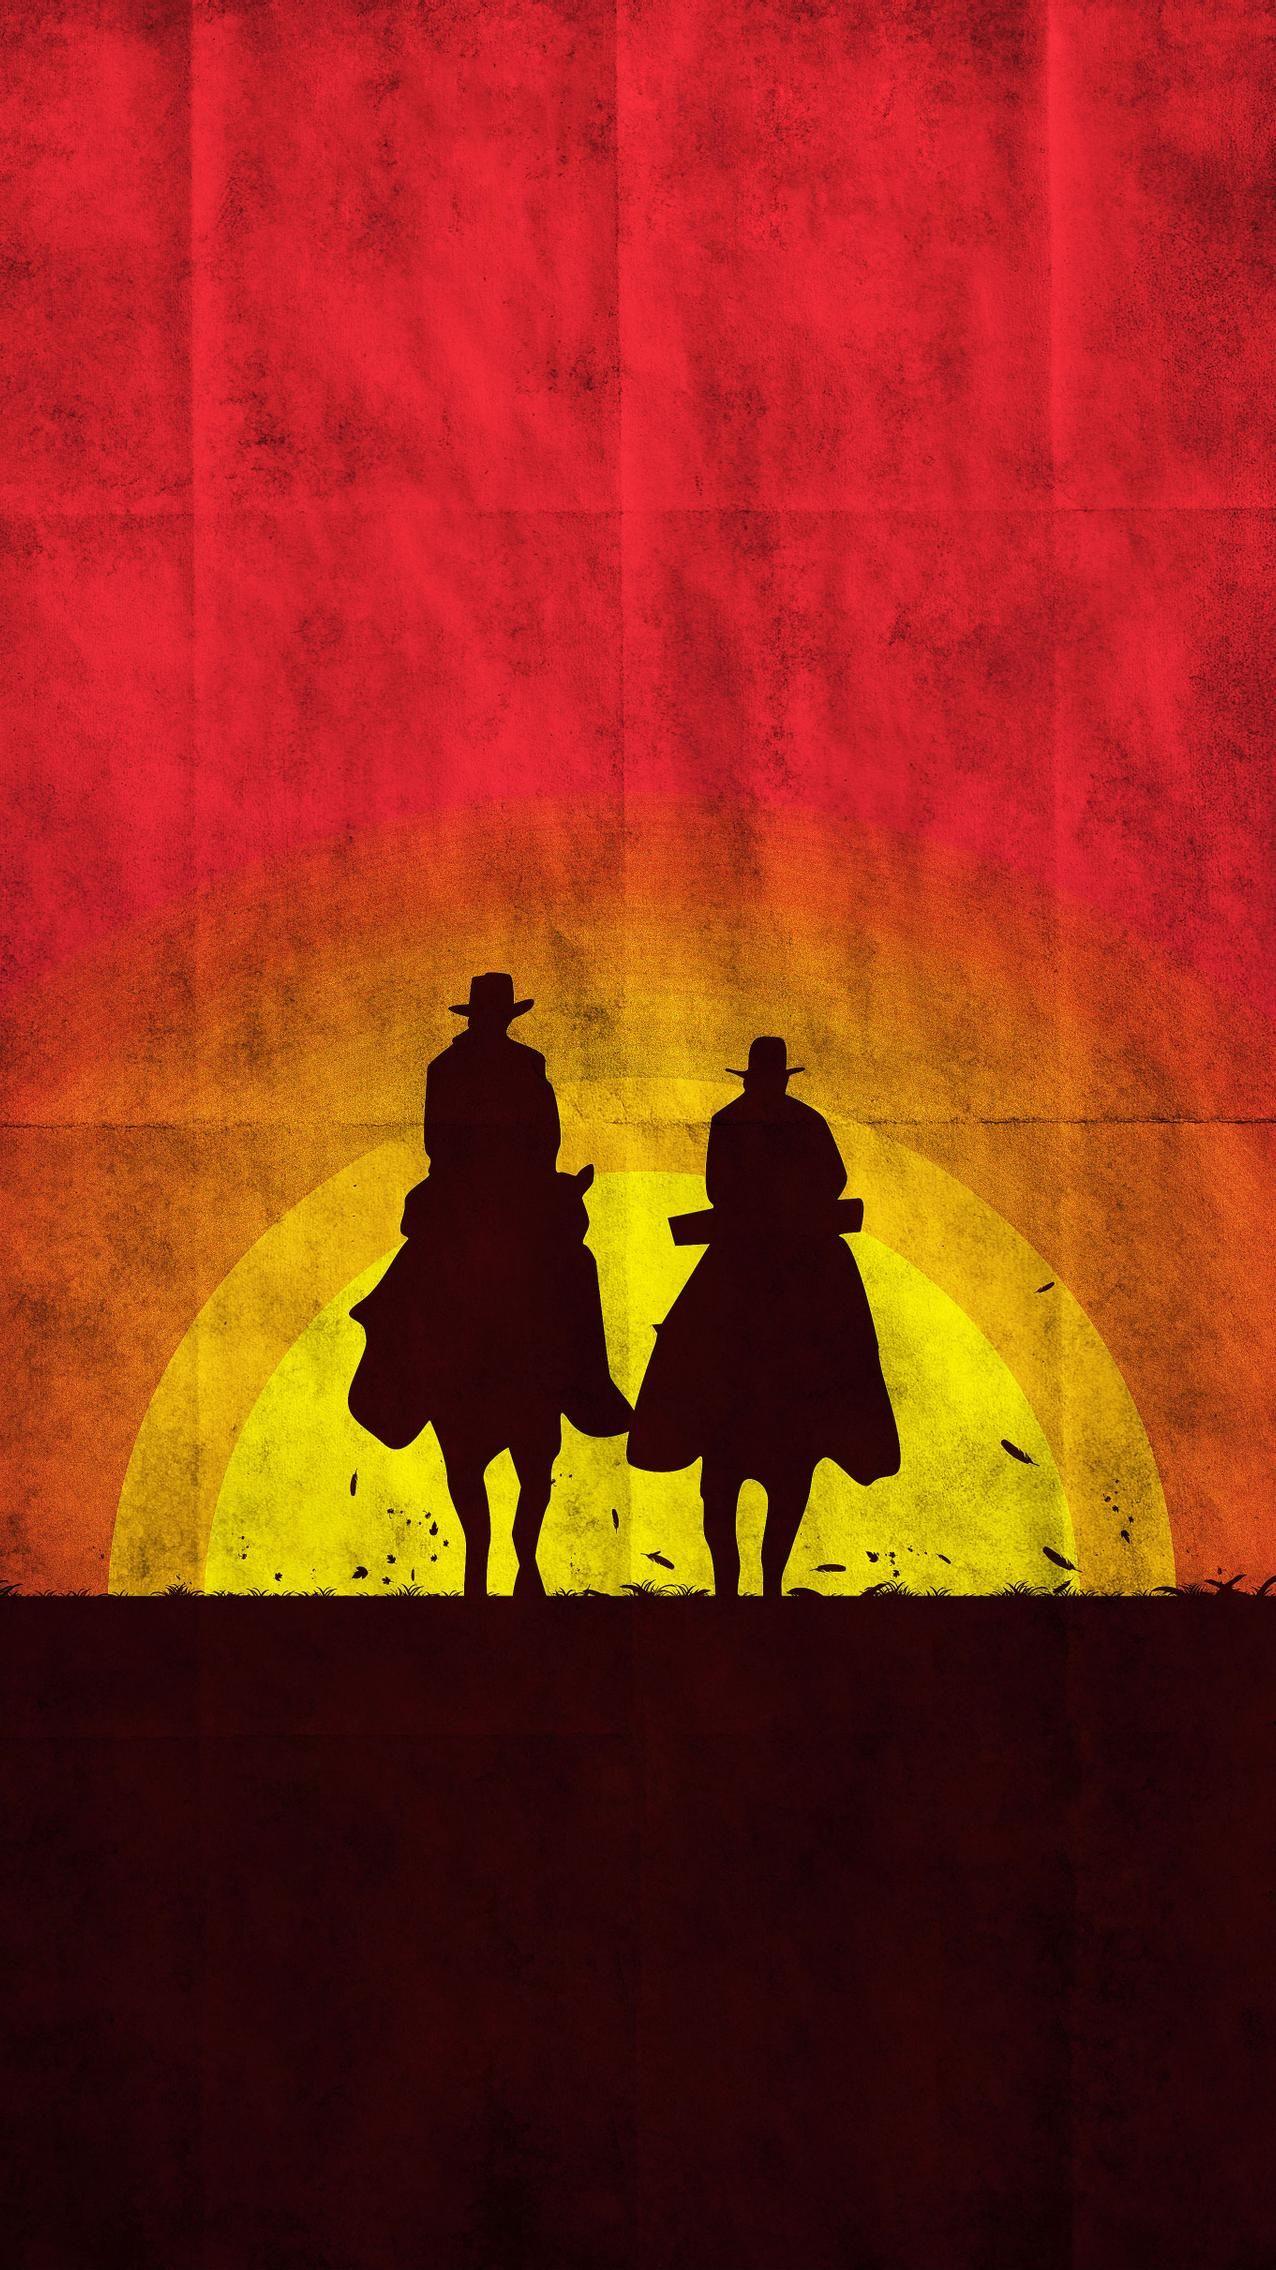 Red Dead Redemption 2 Livre : redemption, livre, Django, Unchained, (2012), Phone, Wallpaper, Moviemania, Movie, Posters, Minimalist,, Redemption, Artwork,